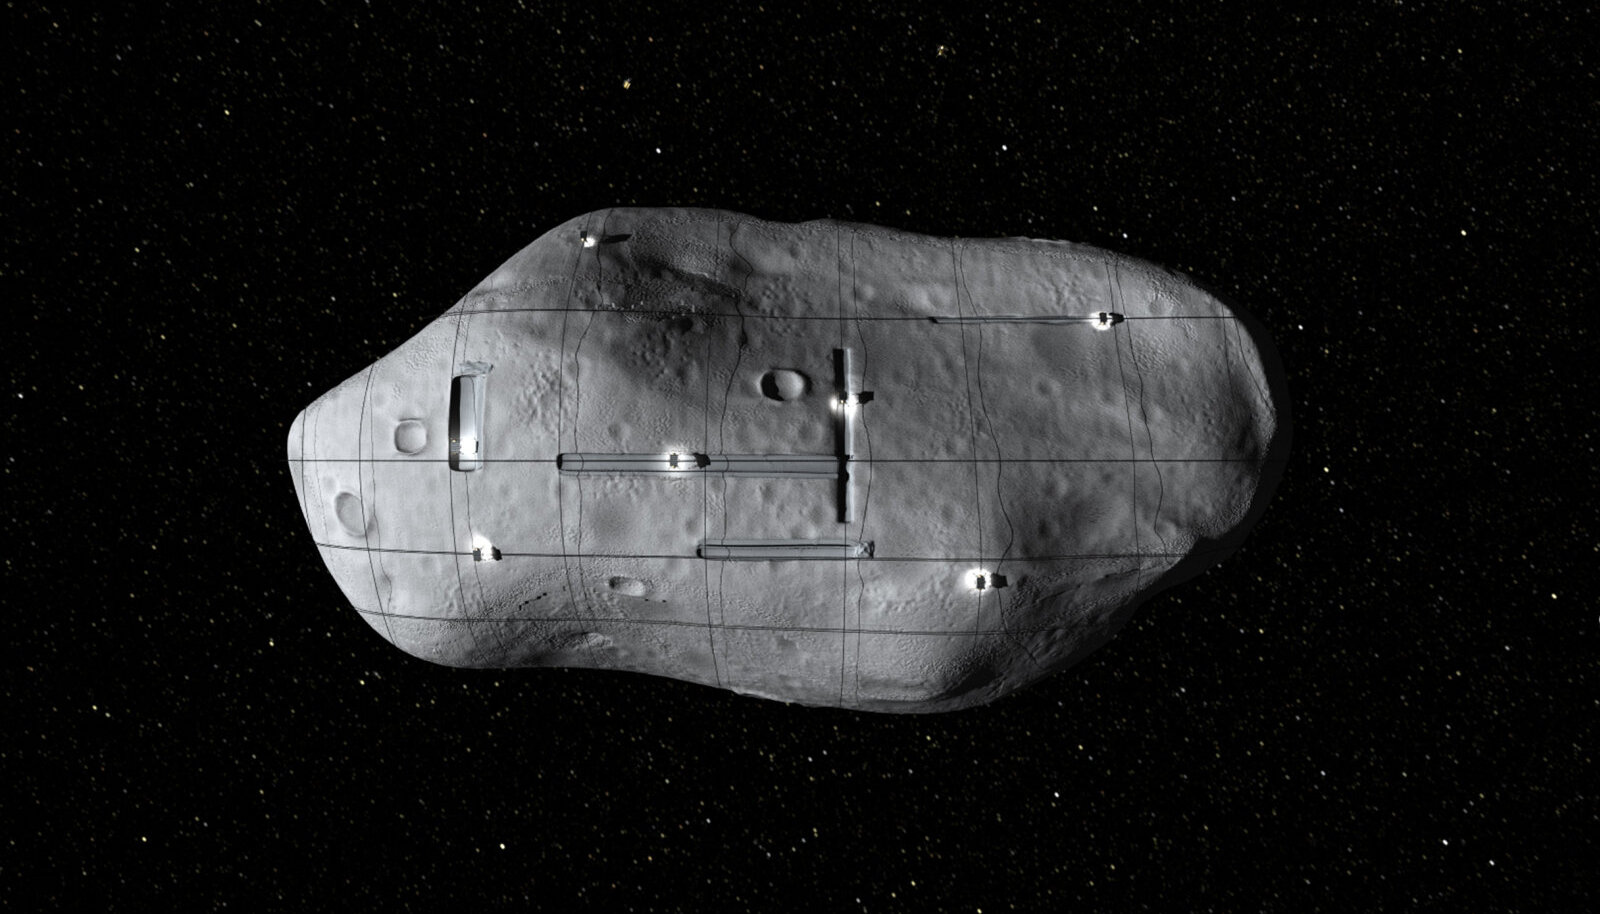 Planetary Resources'i nime kandva ettevõtte kujutis näitab, milline võiks kaevandamine asteroididel välja näha